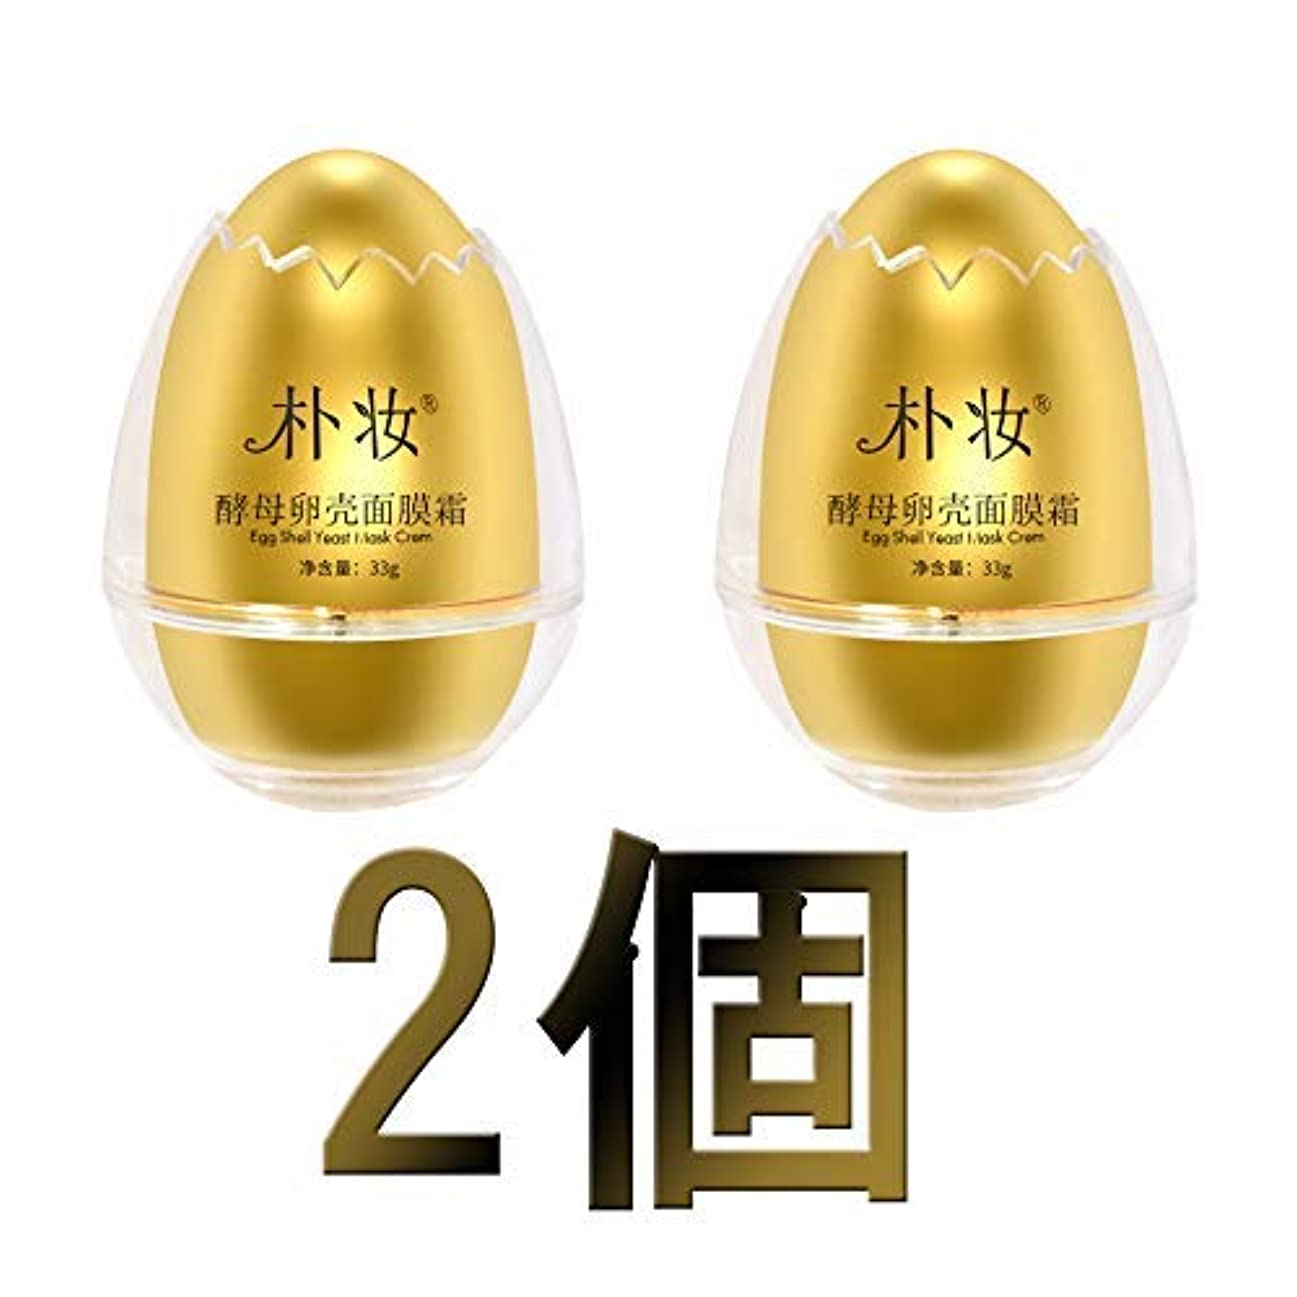 発火する用心するオリエンテーション朴妆たんたんパックx2個 酵母卵殻マスククリーム33g しっとりと た肌,シュリンクポア,しわ耐性,肌を引っ張る、